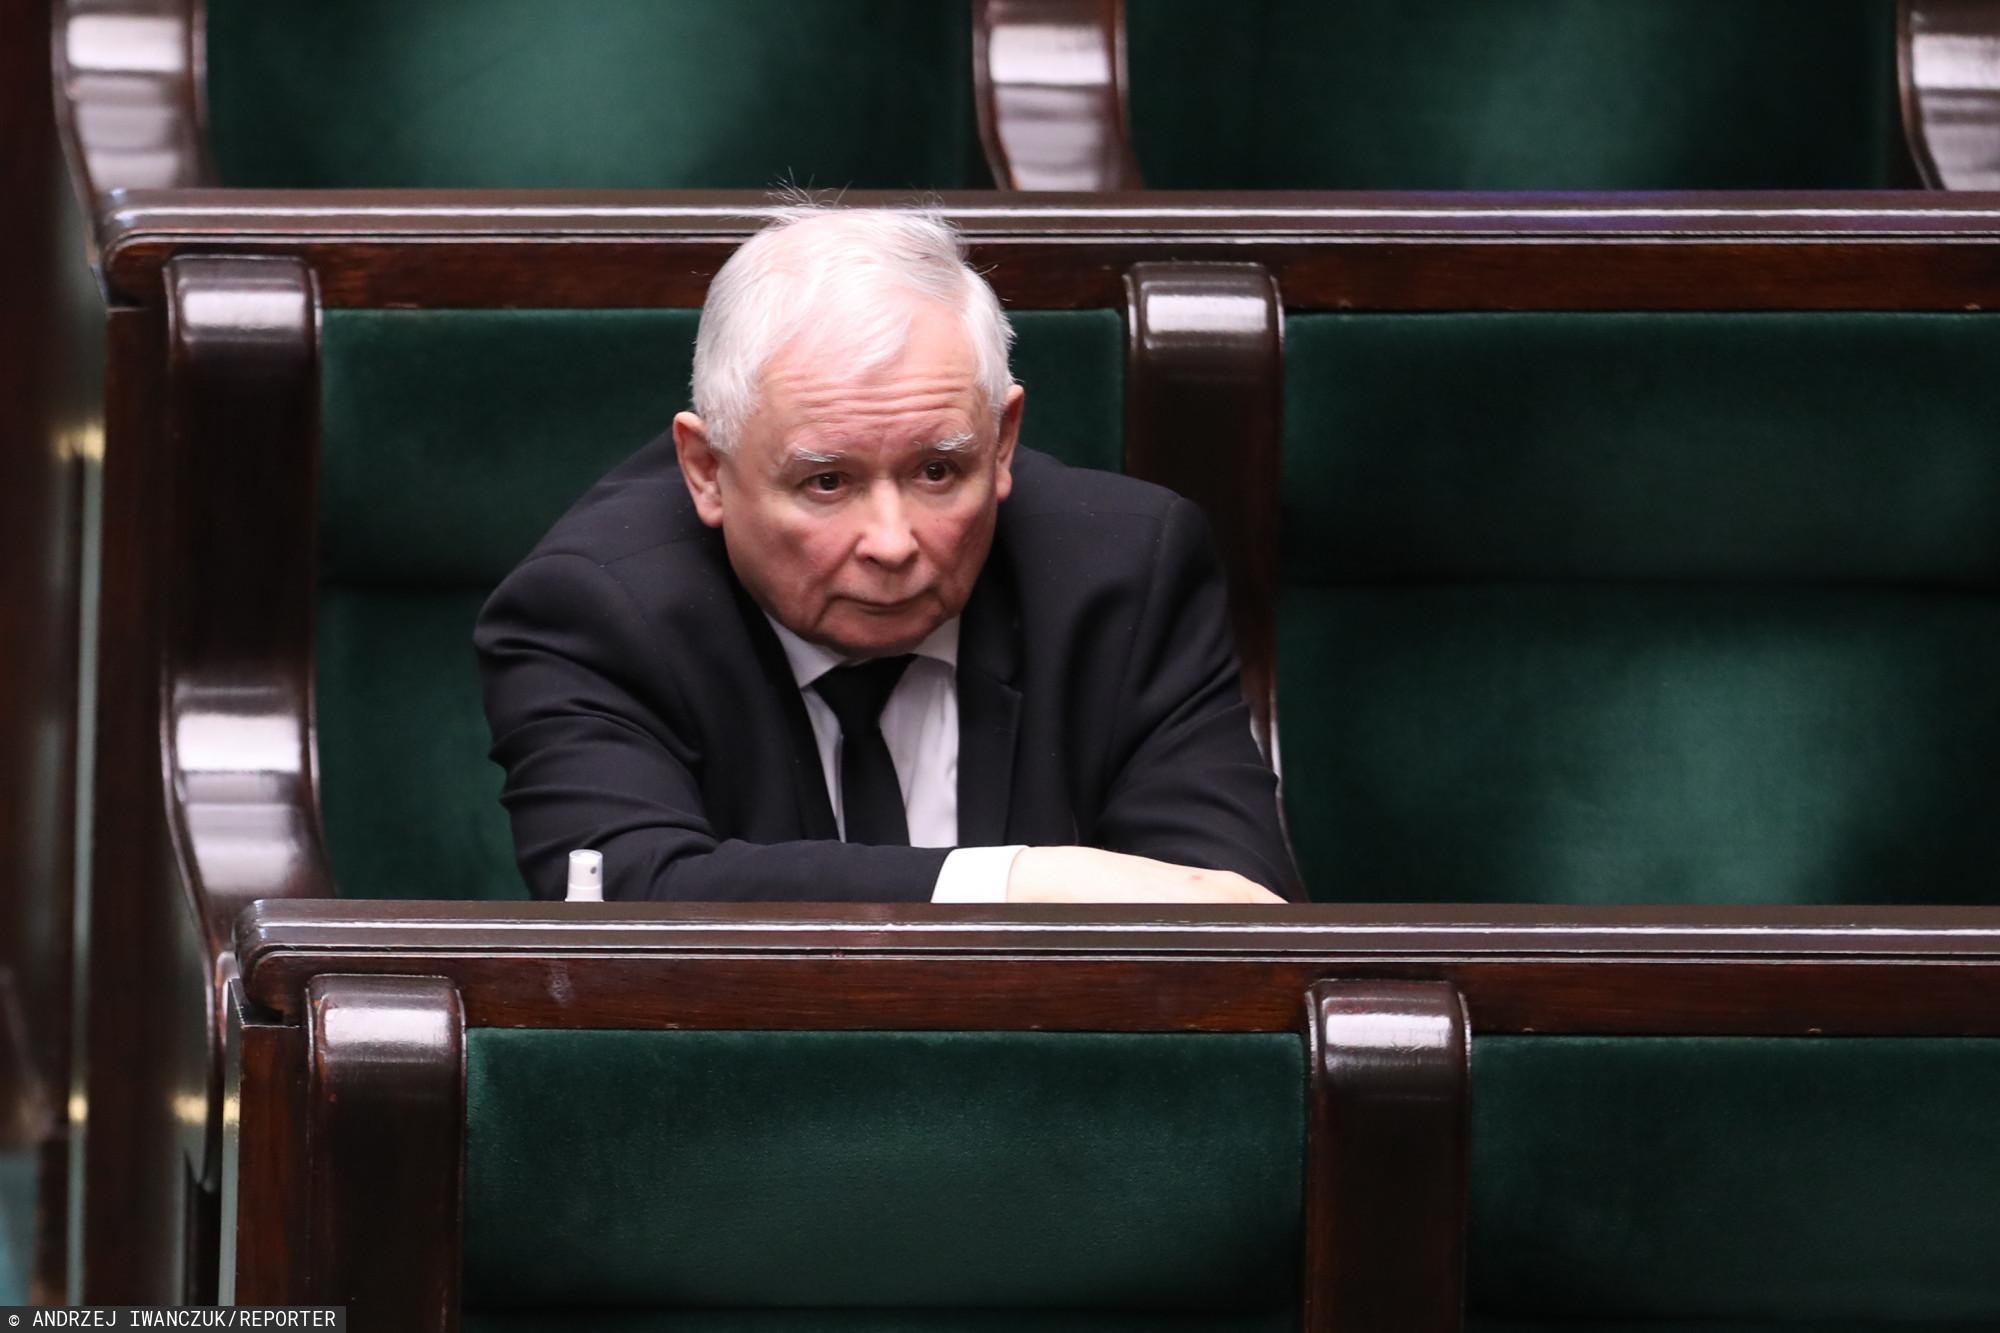 Pilne spotkanie w siedzibie PiS. Prezes Kaczyński nagle wezwał całe kierownictwo partii